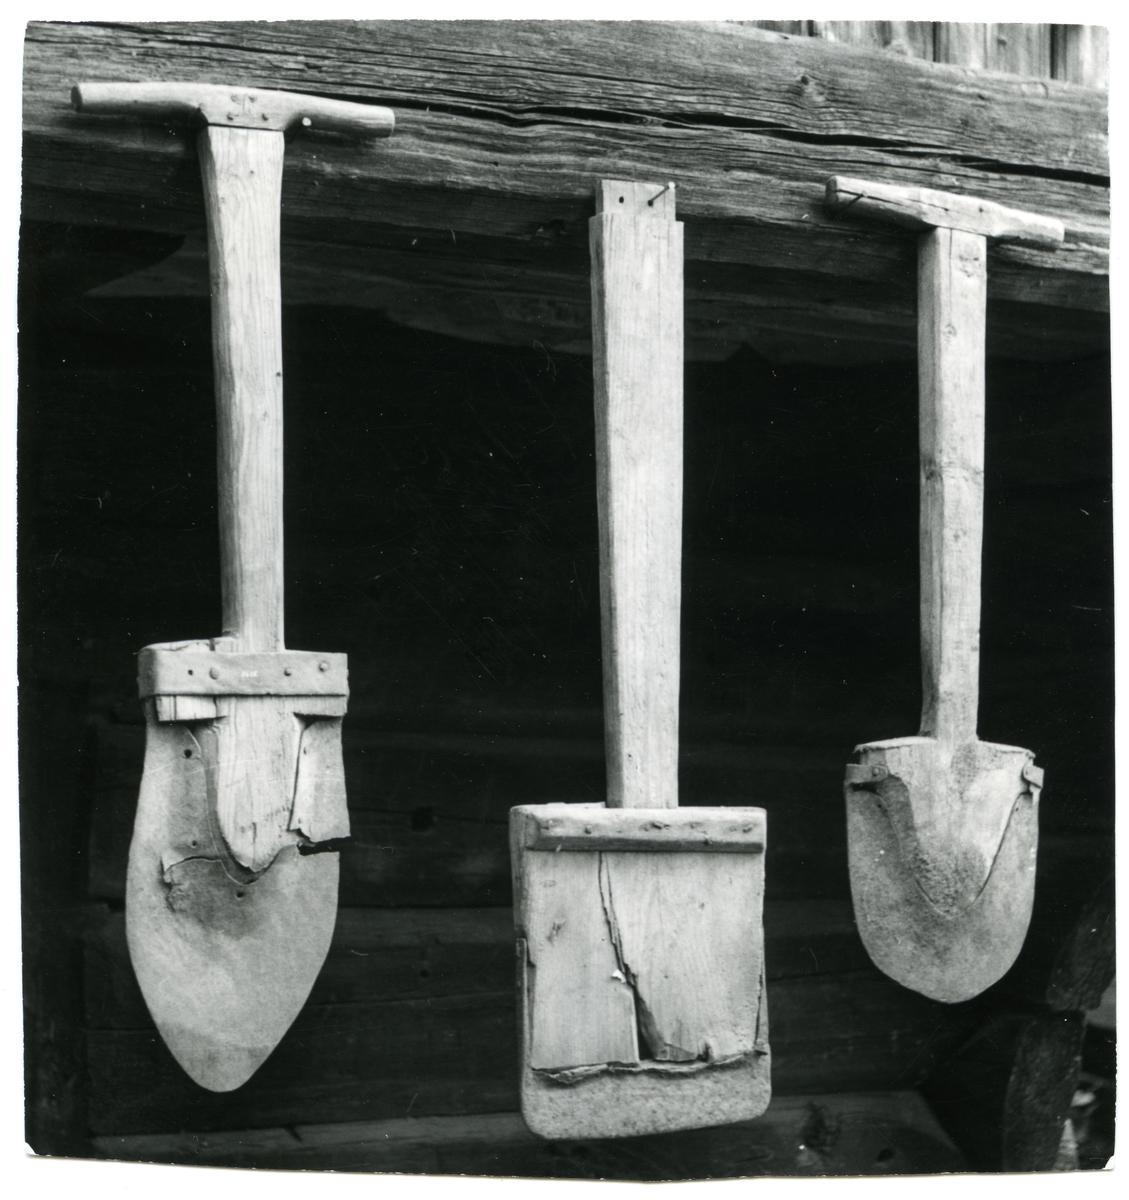 Tre spader henger fra en karm. Spaden til venstre er en såkalt stikkspade mens de andre er til å ta torv med.